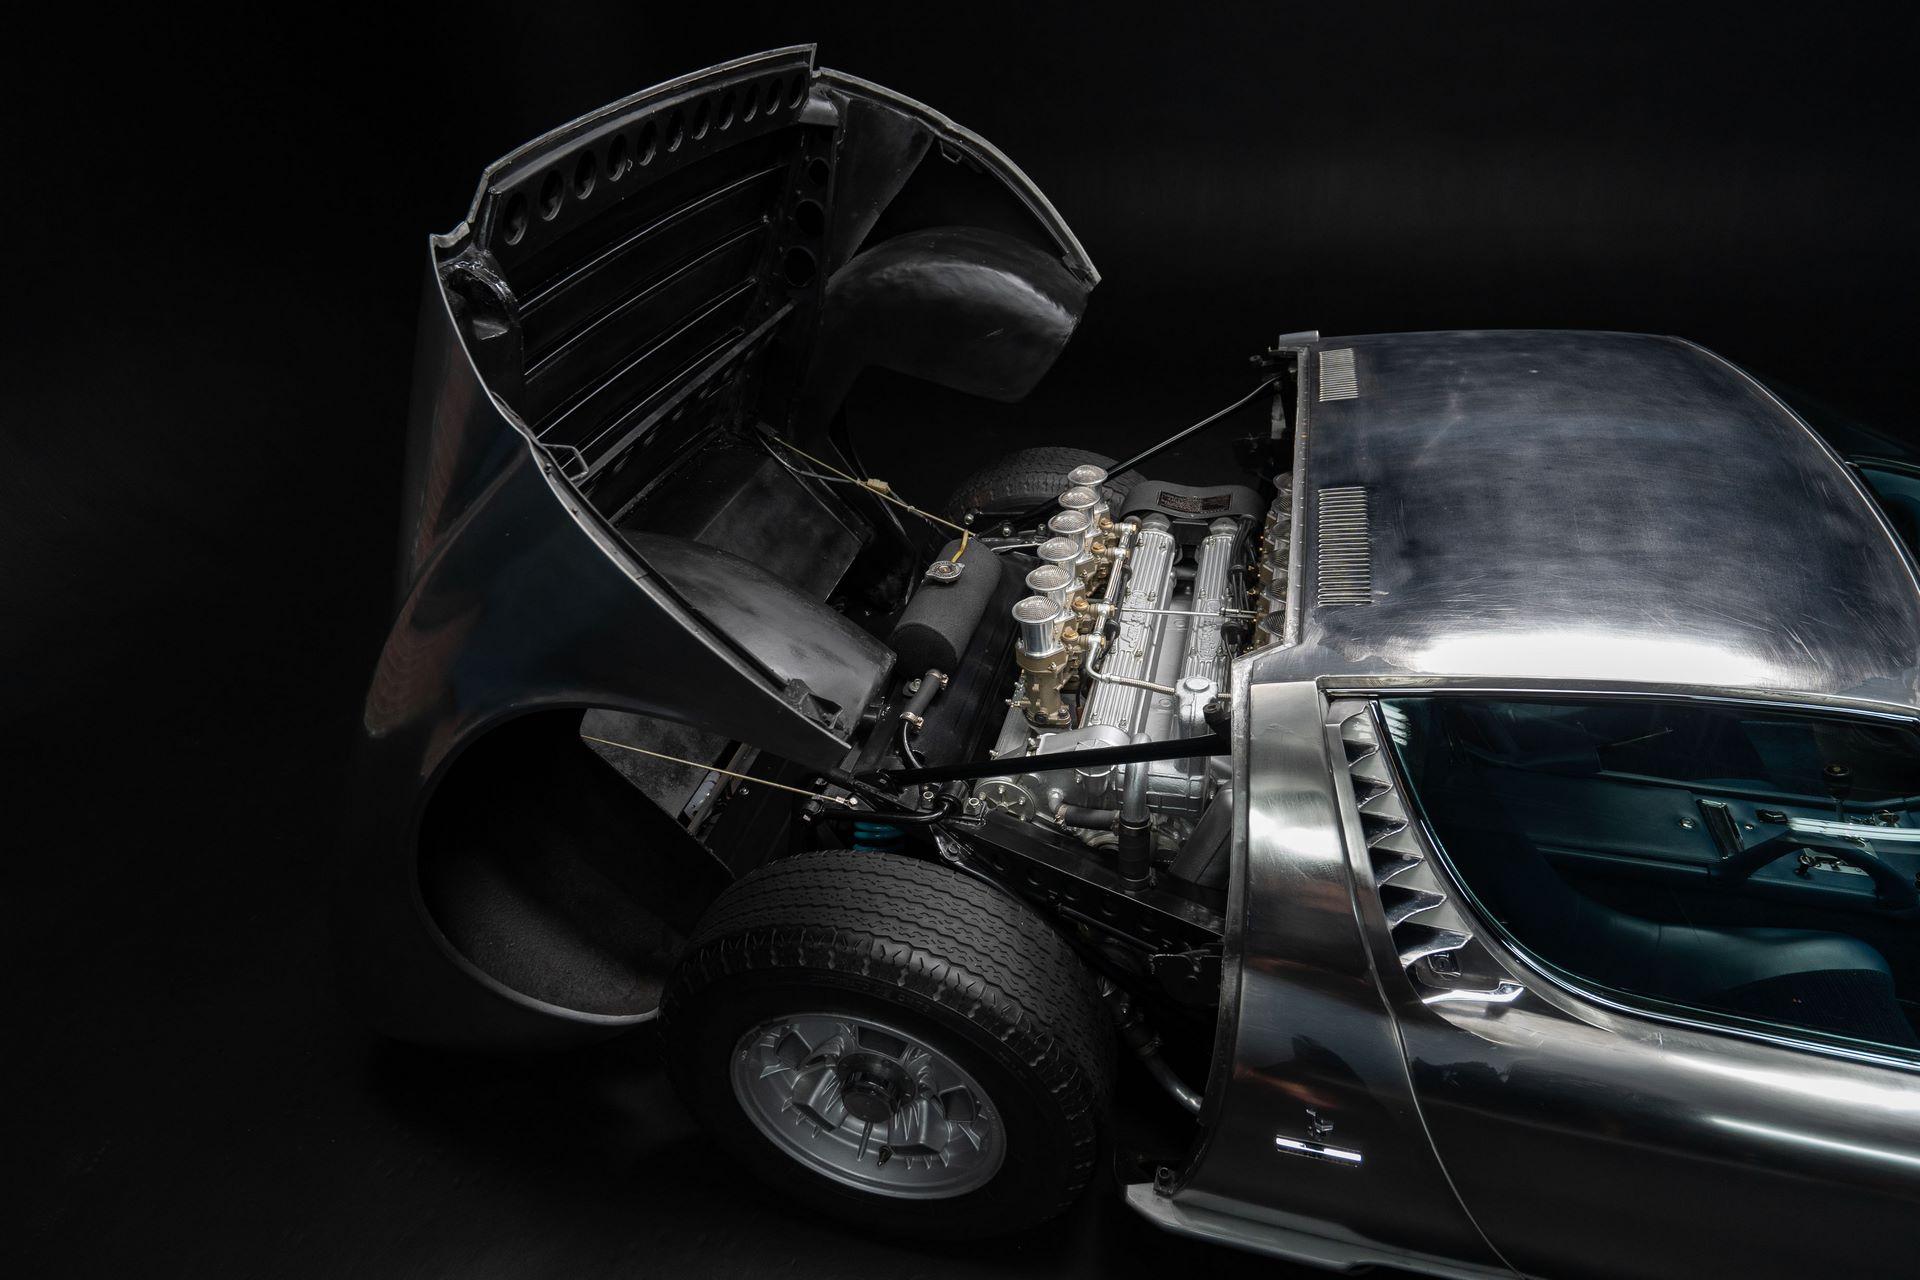 1971-Lamborghini-Miura-P400-S-by-Bertone_44